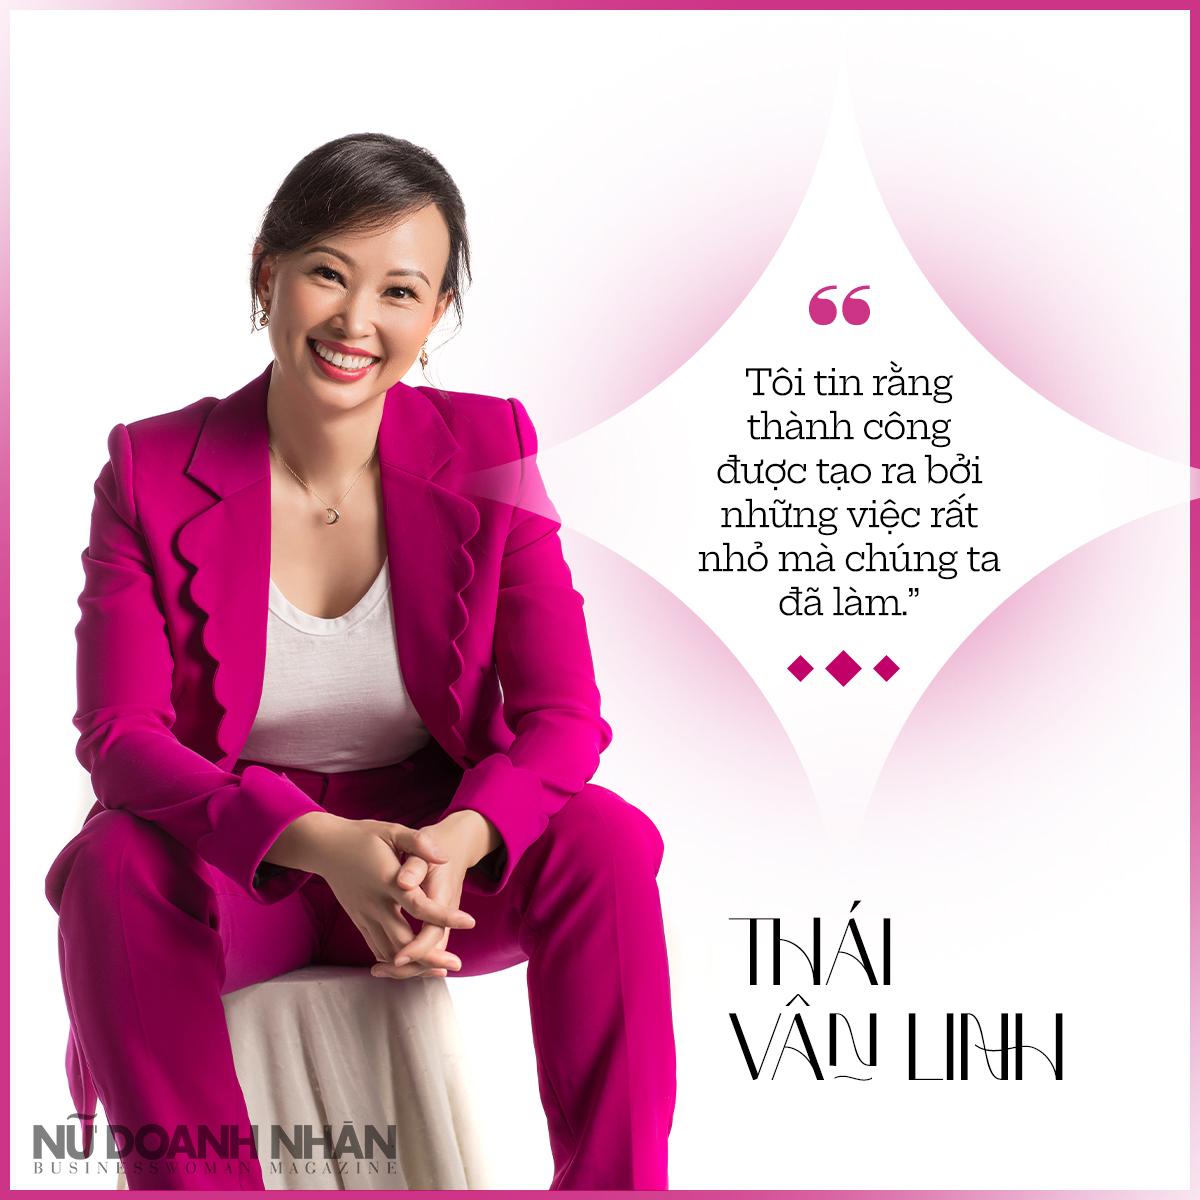 phỏng vấn thái vân linh trên tạp chí nữ doanh nhân